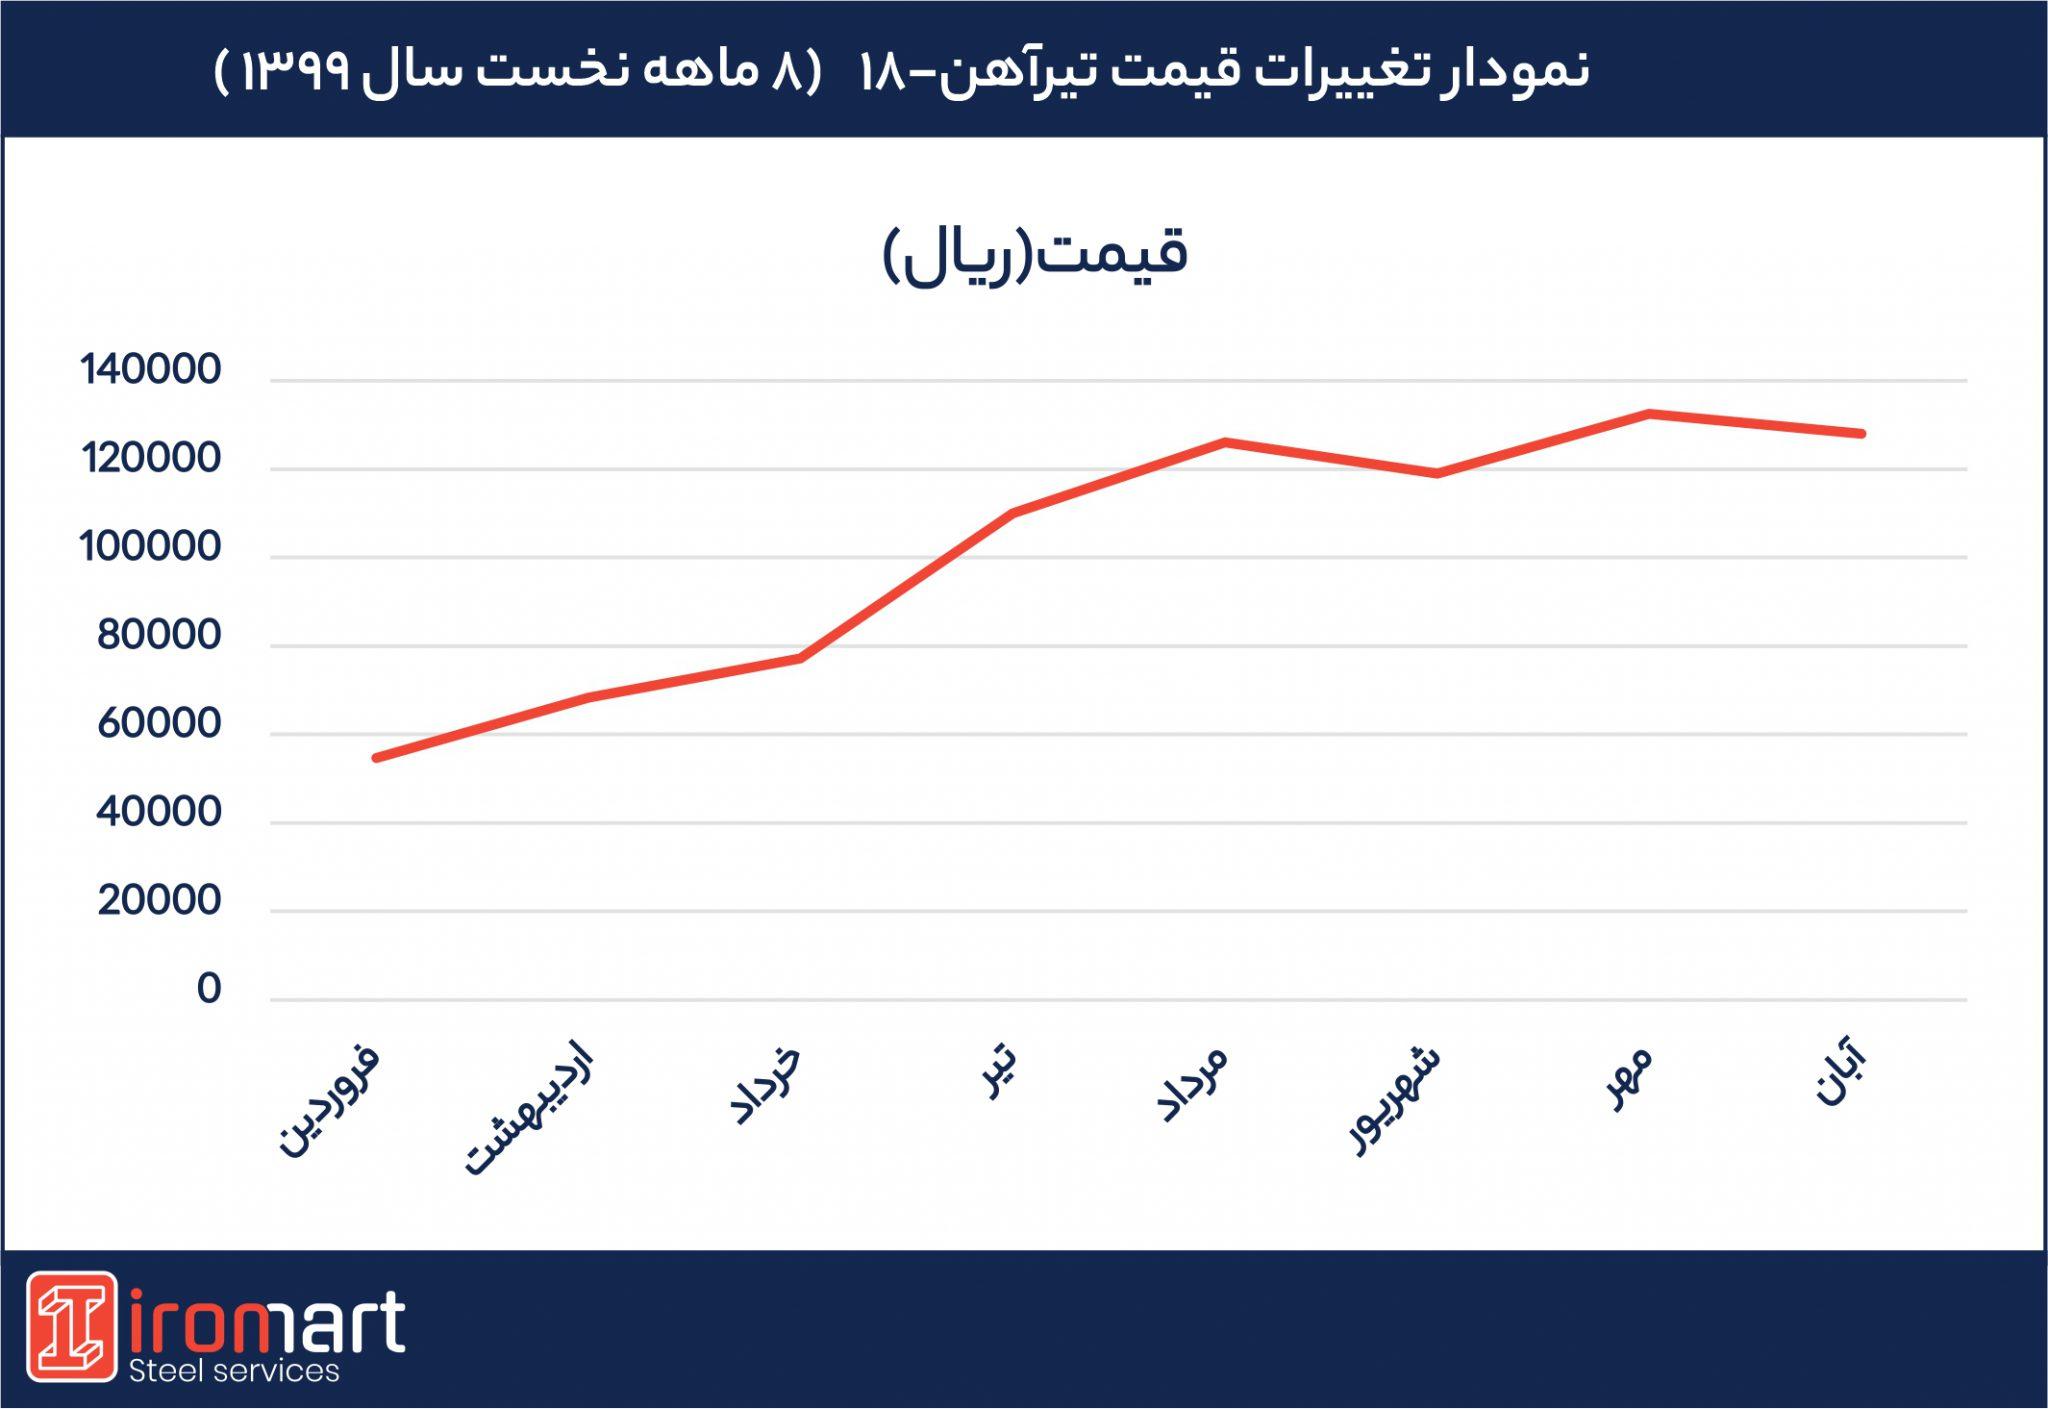 تغییرات قیمت تیرآهن 18